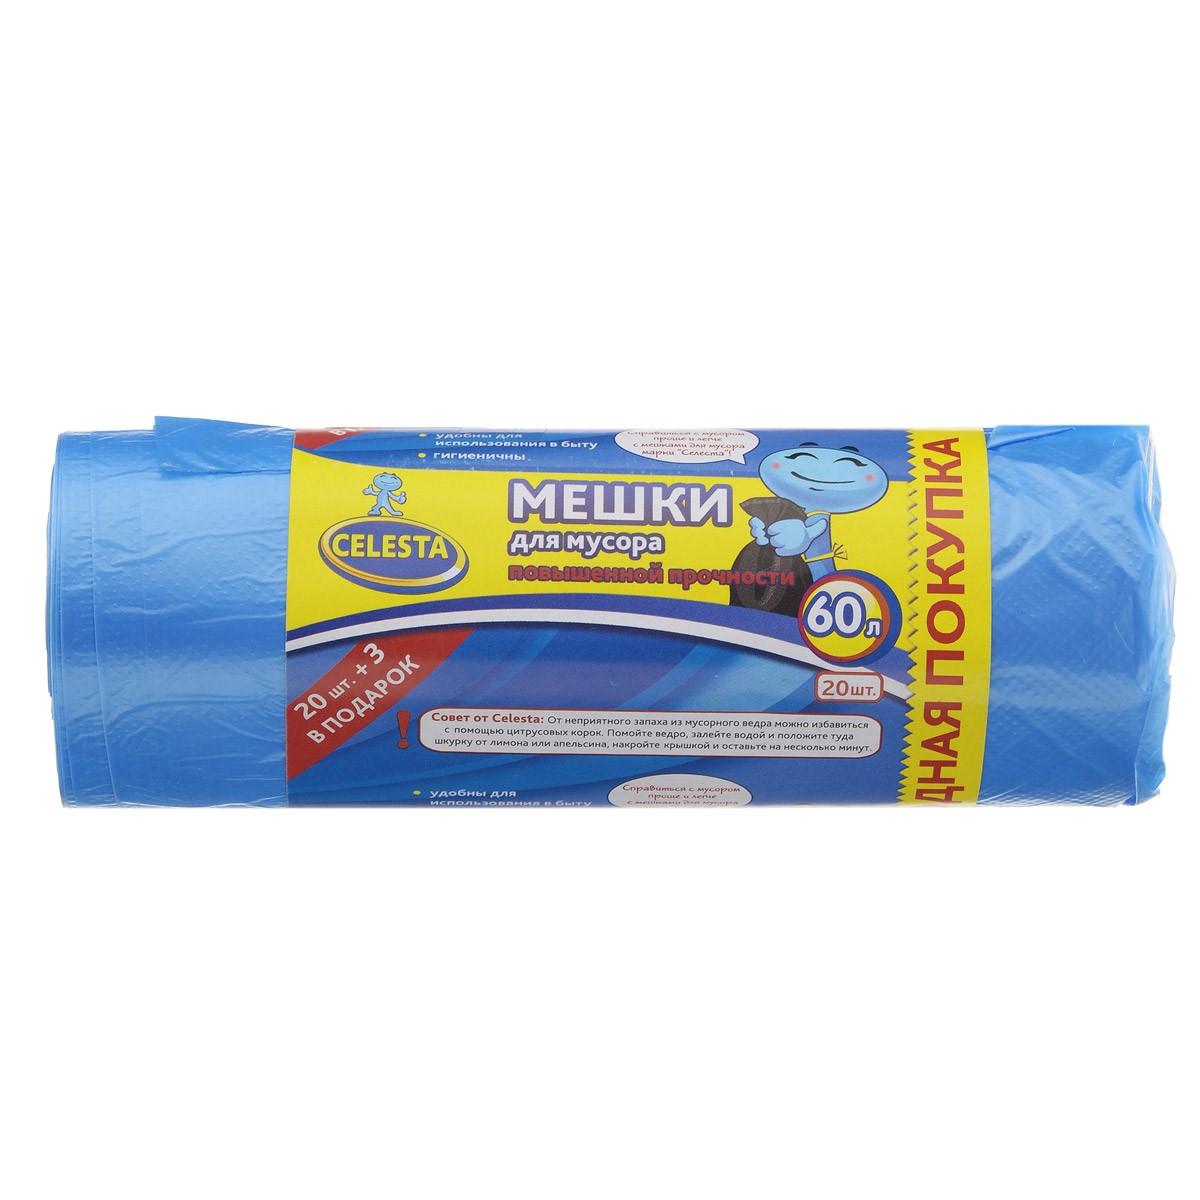 Мешки для мусора Celesta, цвет: синий, 60 л, 20 шт825435 сМешки для мусора Celesta применяются для хранения и транспортировки бытовых мусорных и продуктовых отходов. Удобны для использования в быту. Суперпрочные и гигиеничные. Мешки быстро и просто отрываются по линии перфорации. Материал: полиэтилен. Объем: 60 л. Количество мешков: 20 шт.